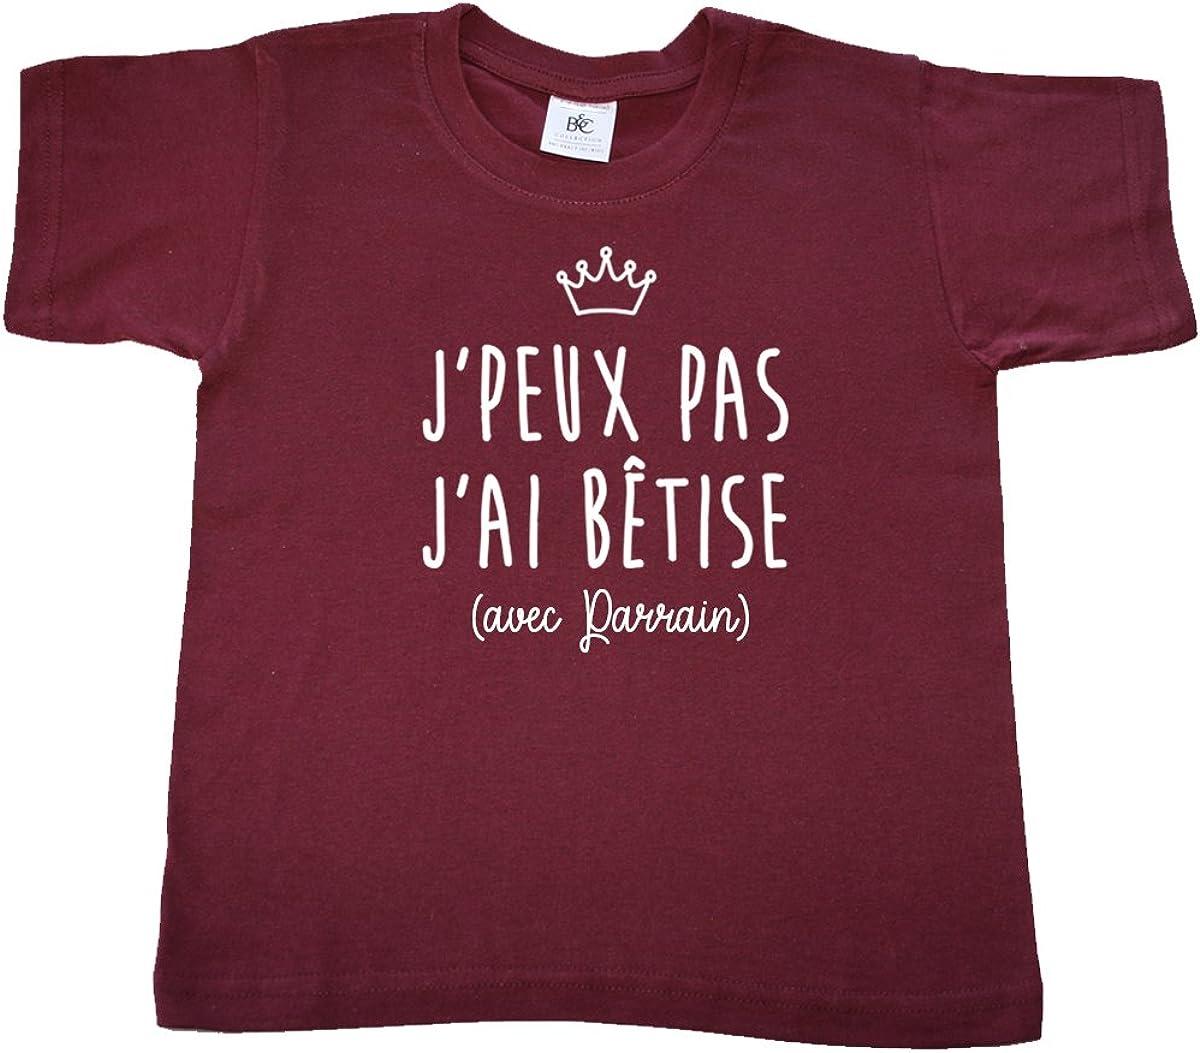 Dstny T-Shirt Enfants Unisexe Jpeux Pas JAi b/êtise avec Parrain